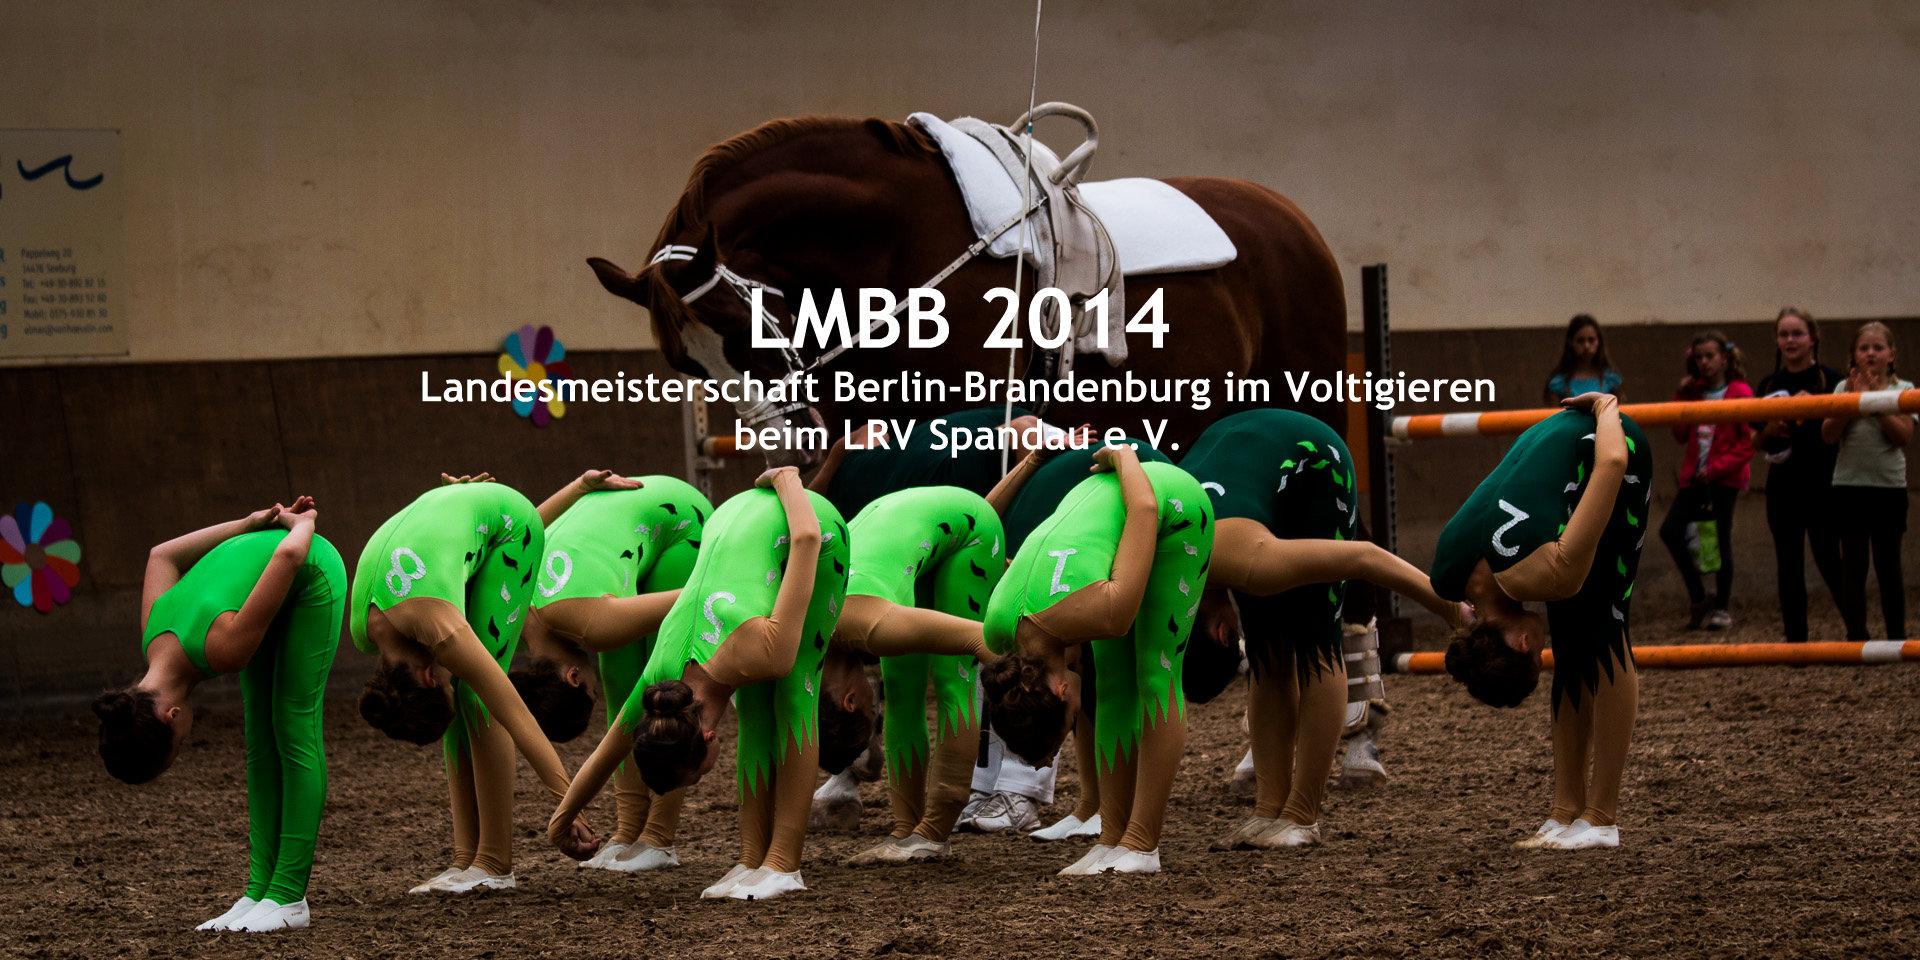 lmbb2014-2.jpg